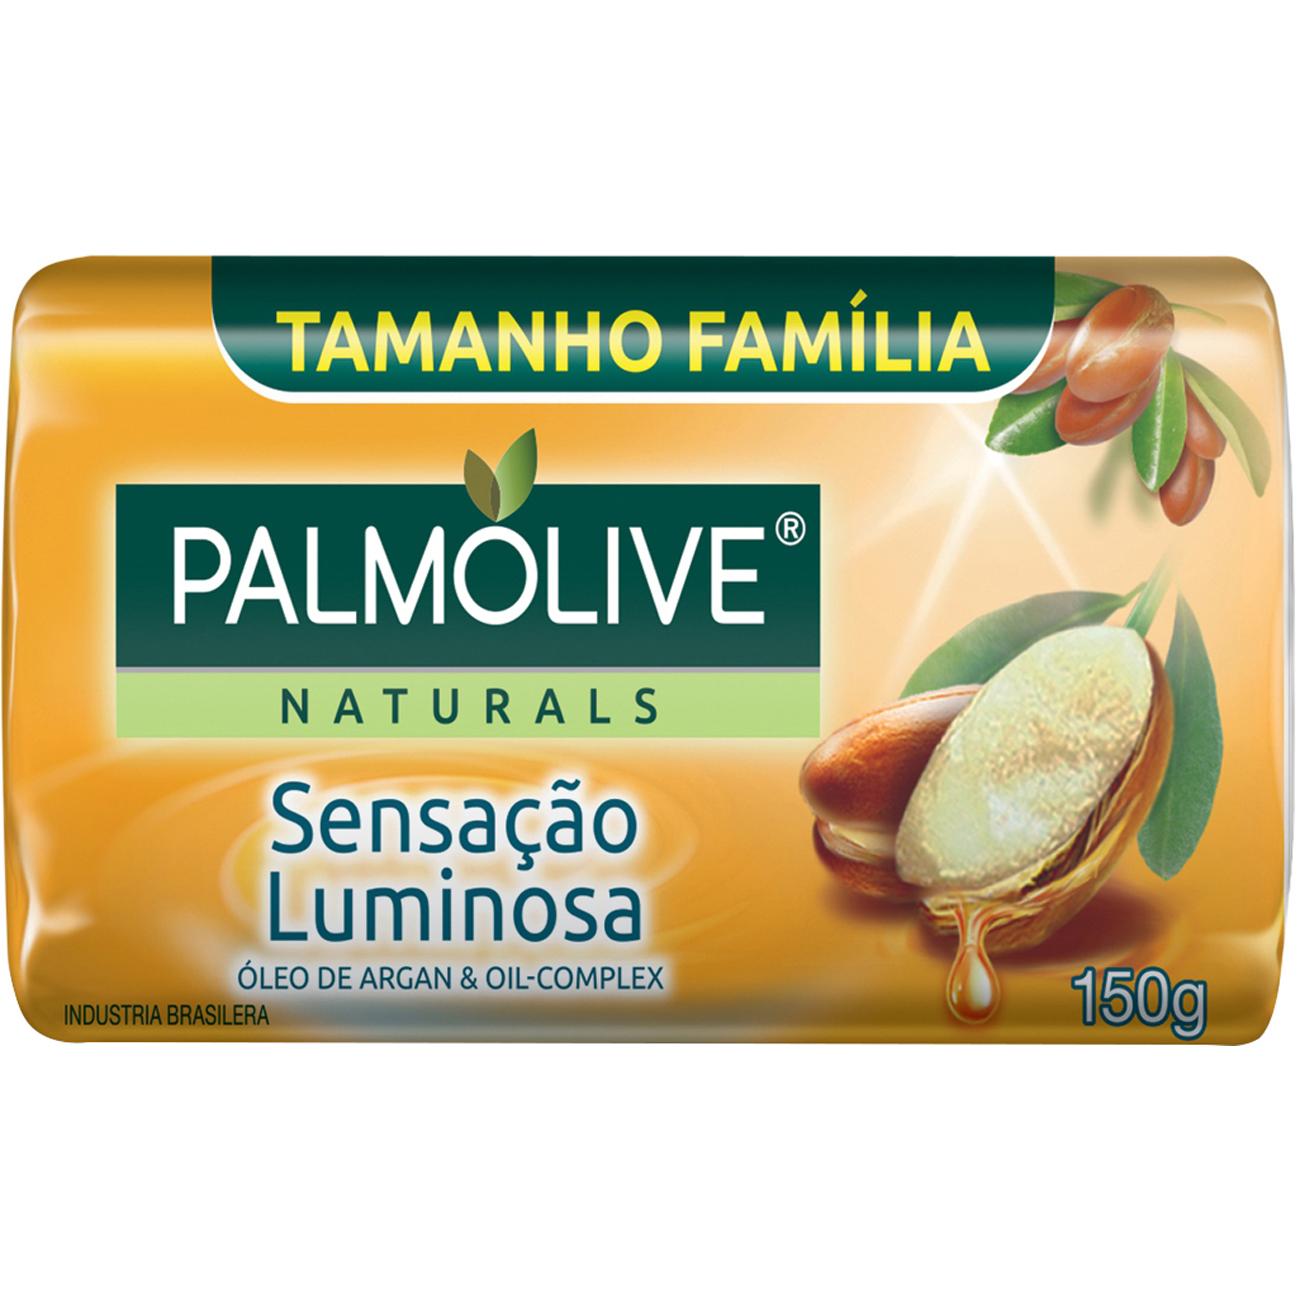 Sabonete em Barra Palmolive Naturals Sensacao Luminosa 150G